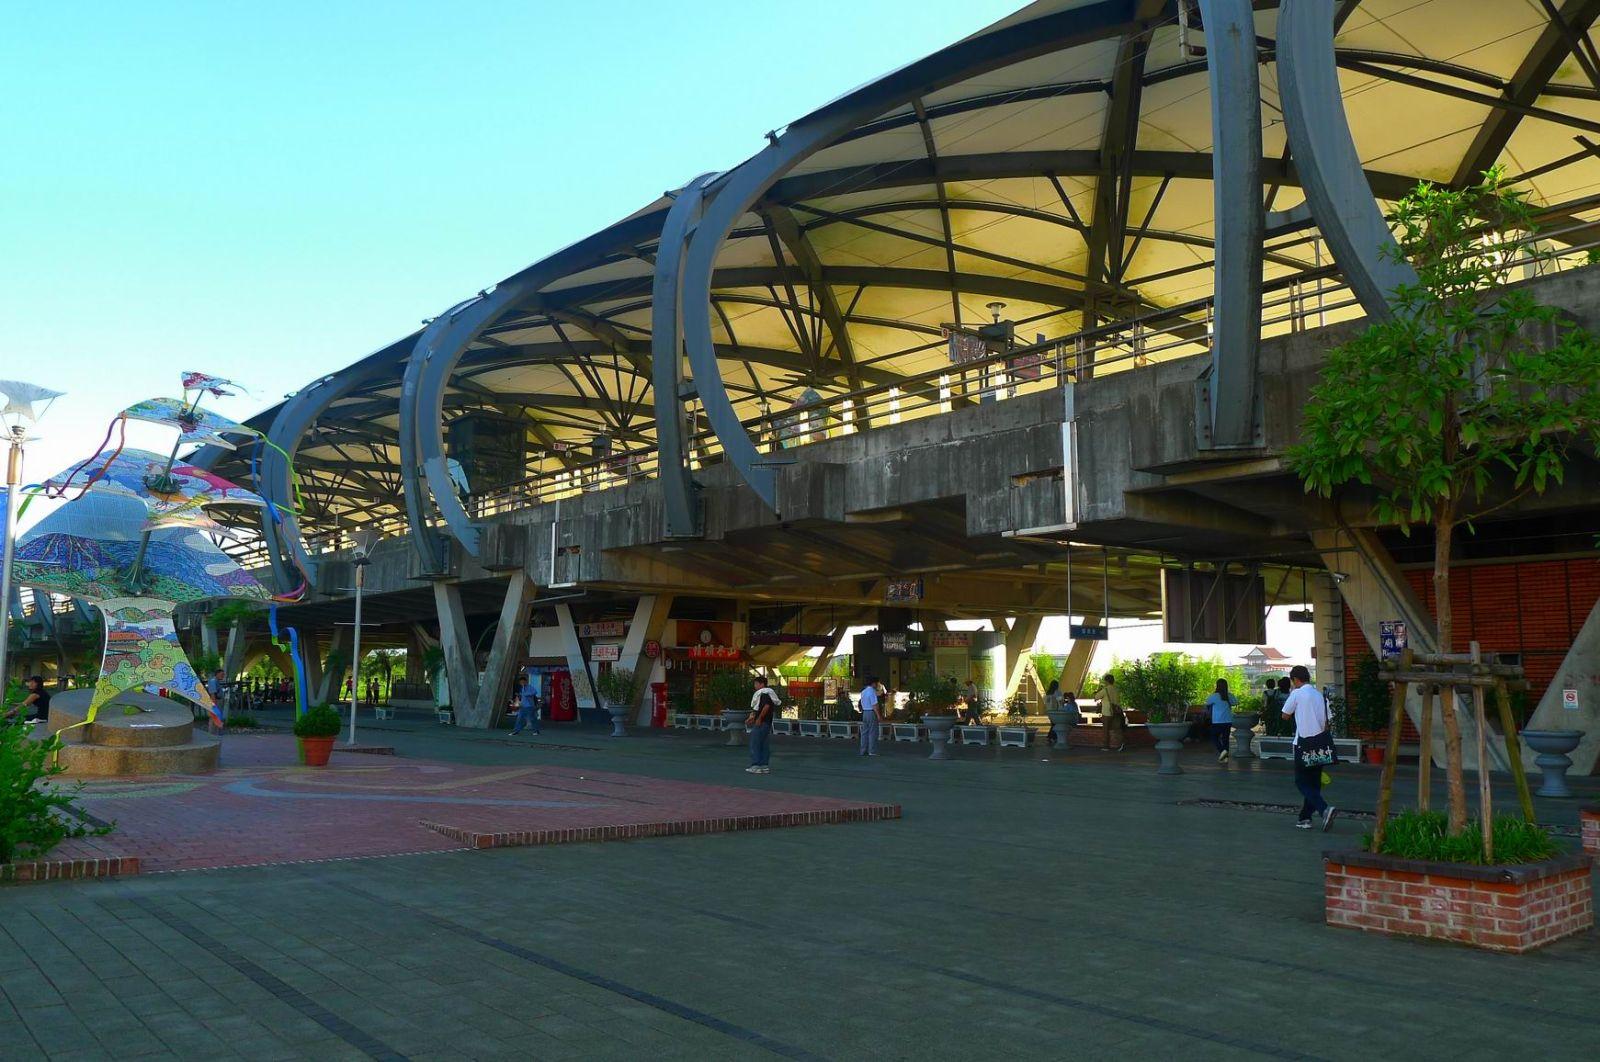 车站设计前卫,现代化,令人耳目一新